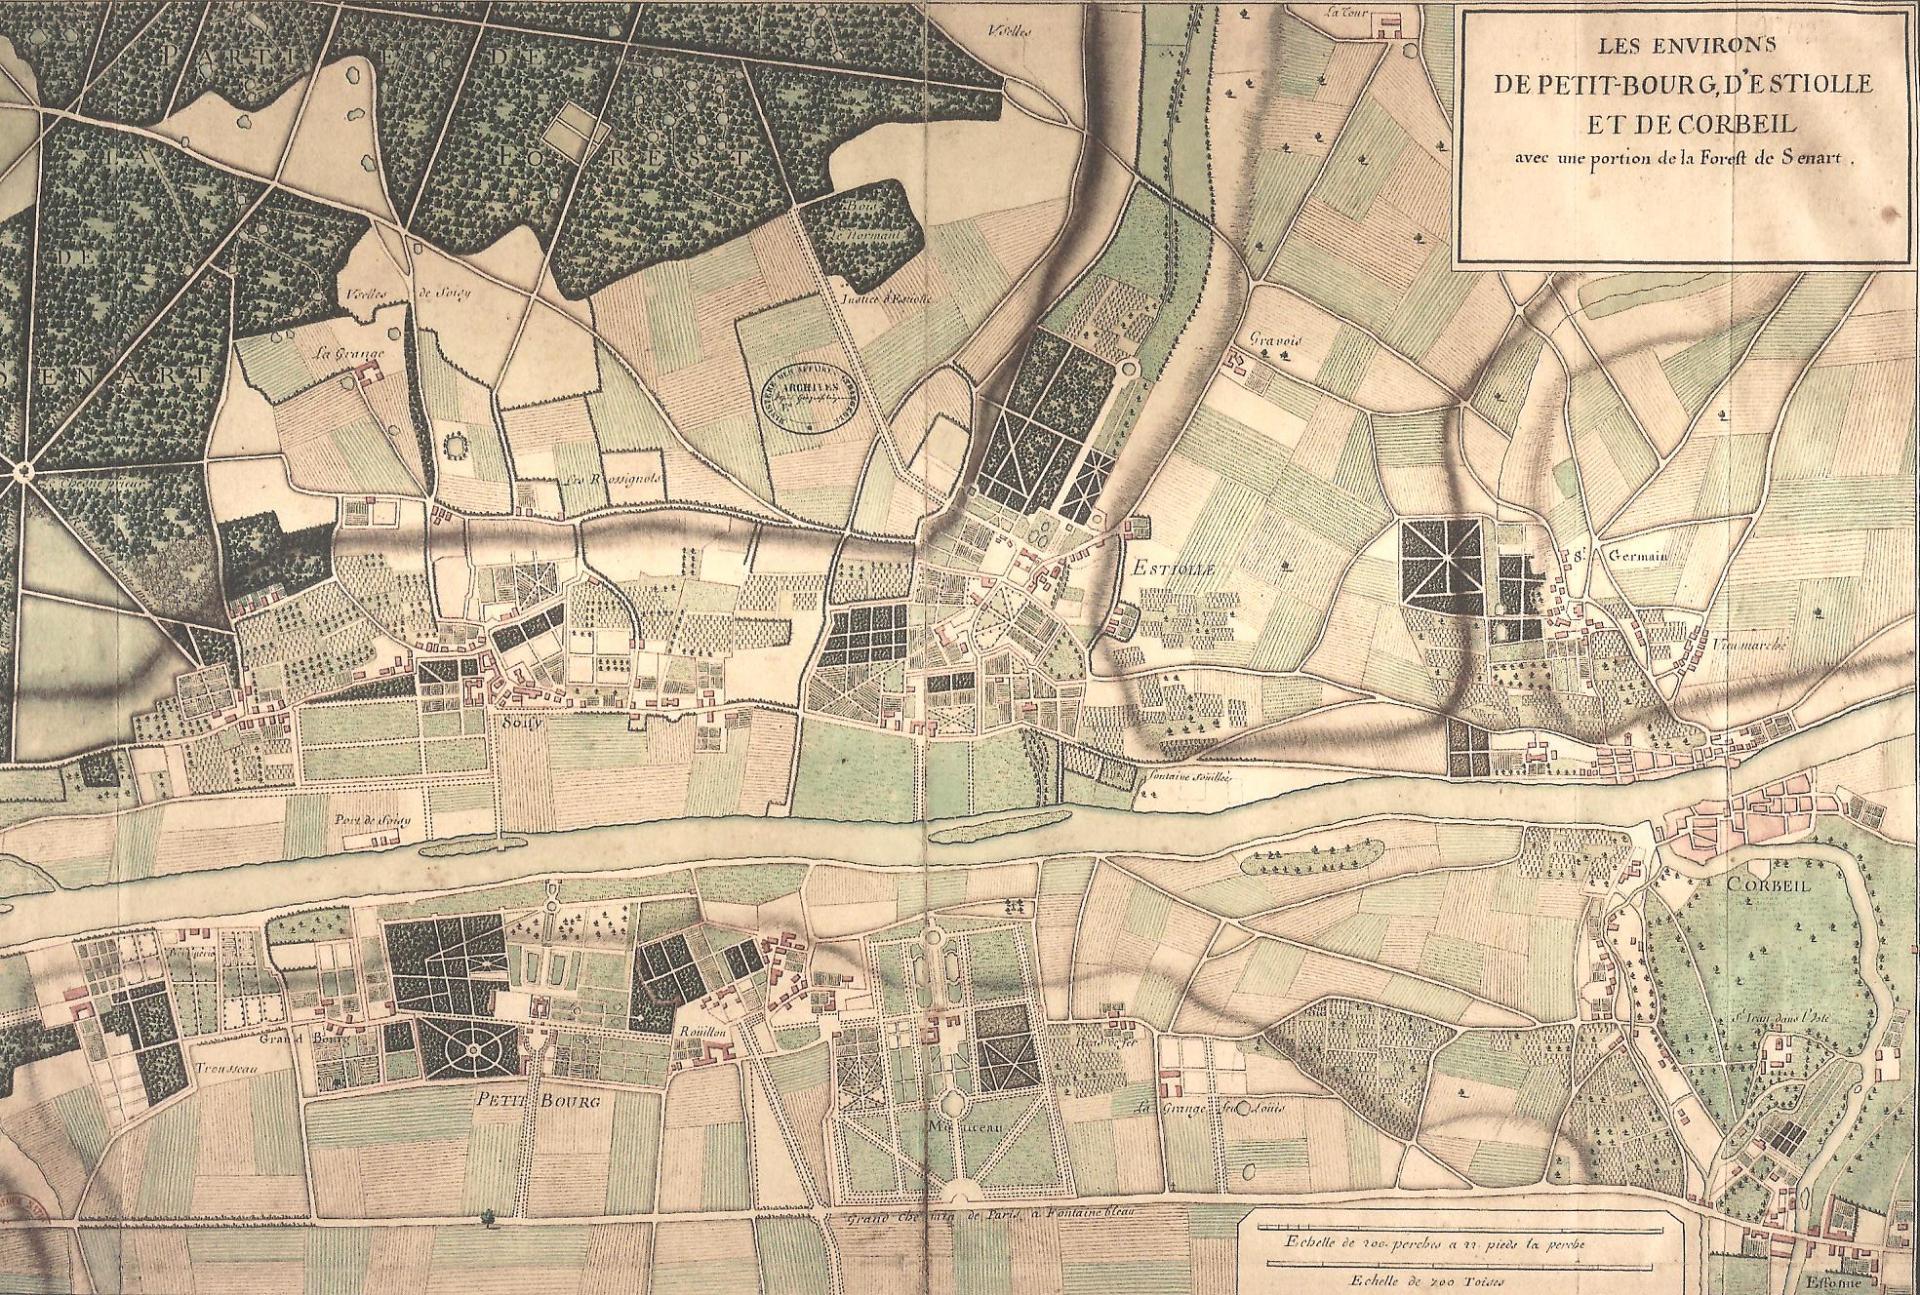 Seigneuries de Petit-Bourg (en bas), de Soisy (en face) et d'Etiolles (à droite), XVIIIe sièlce, cl. Ph. Cachau